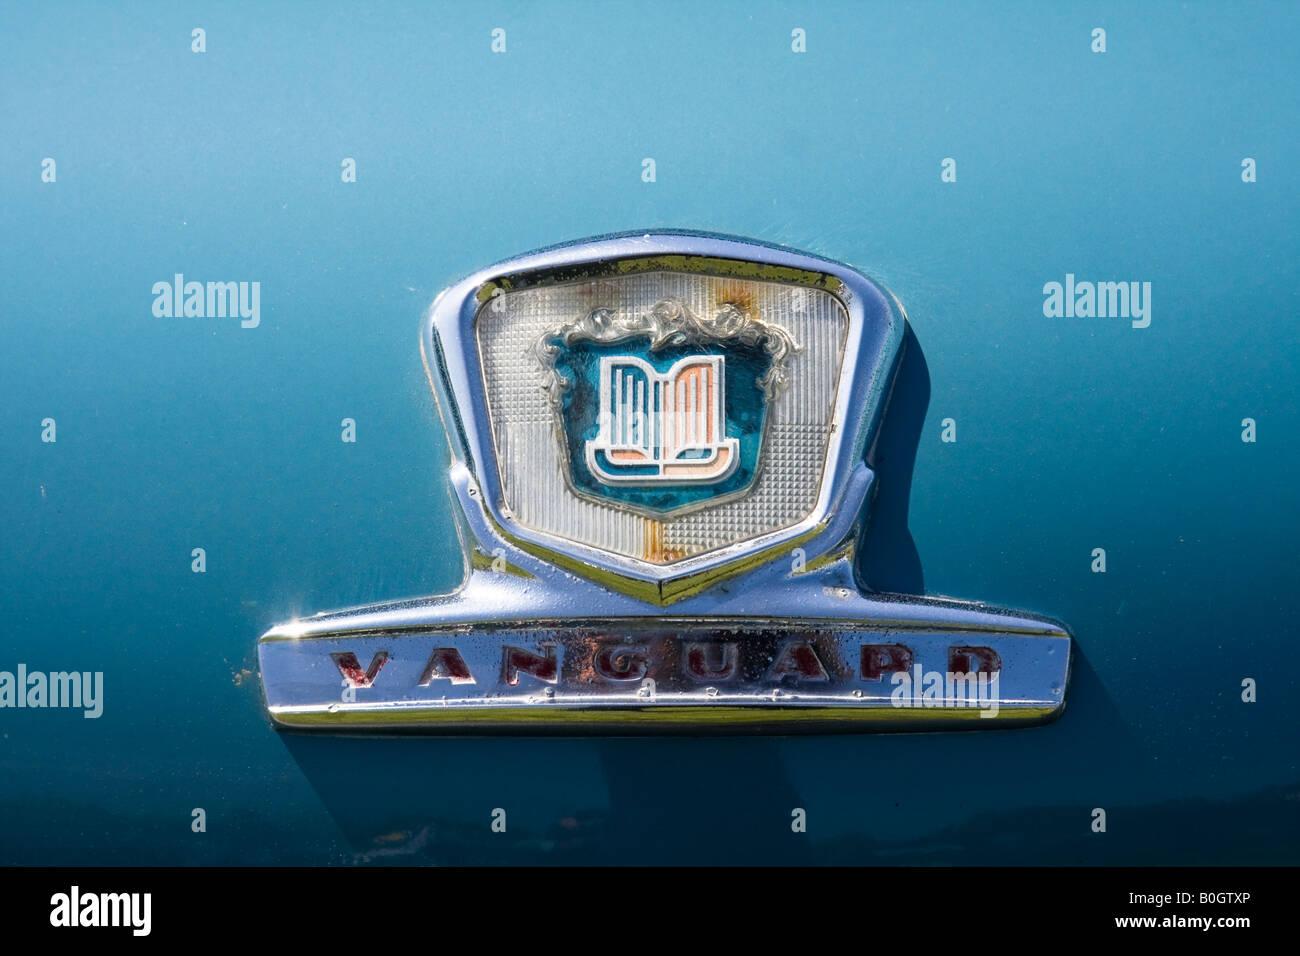 Vanguard Car Badge Stock Photos & Vanguard Car Badge Stock Images ...